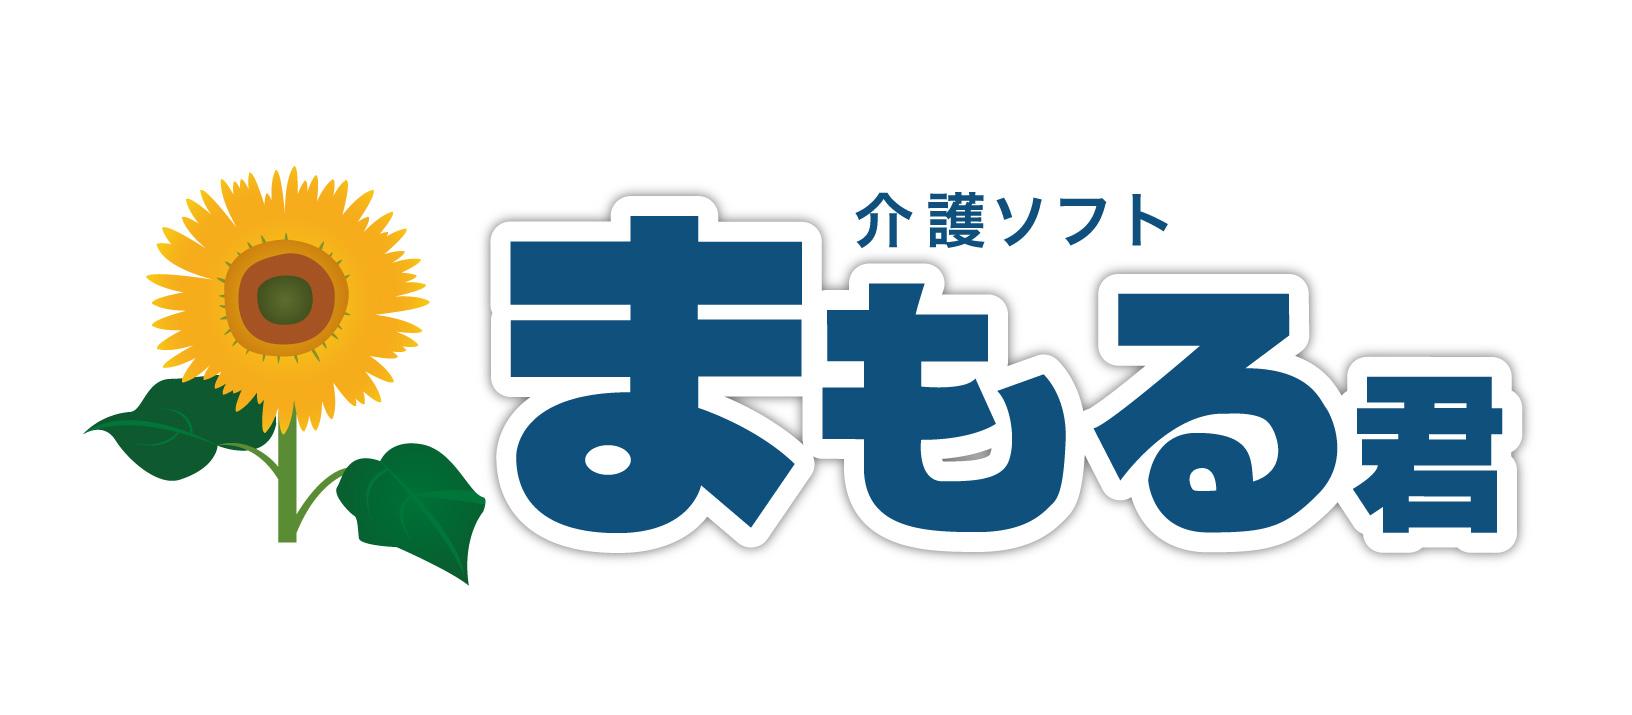 縺セ繧ゅk蜷帙Ο繧ウ繧・mamoru_logo_fix.jpg